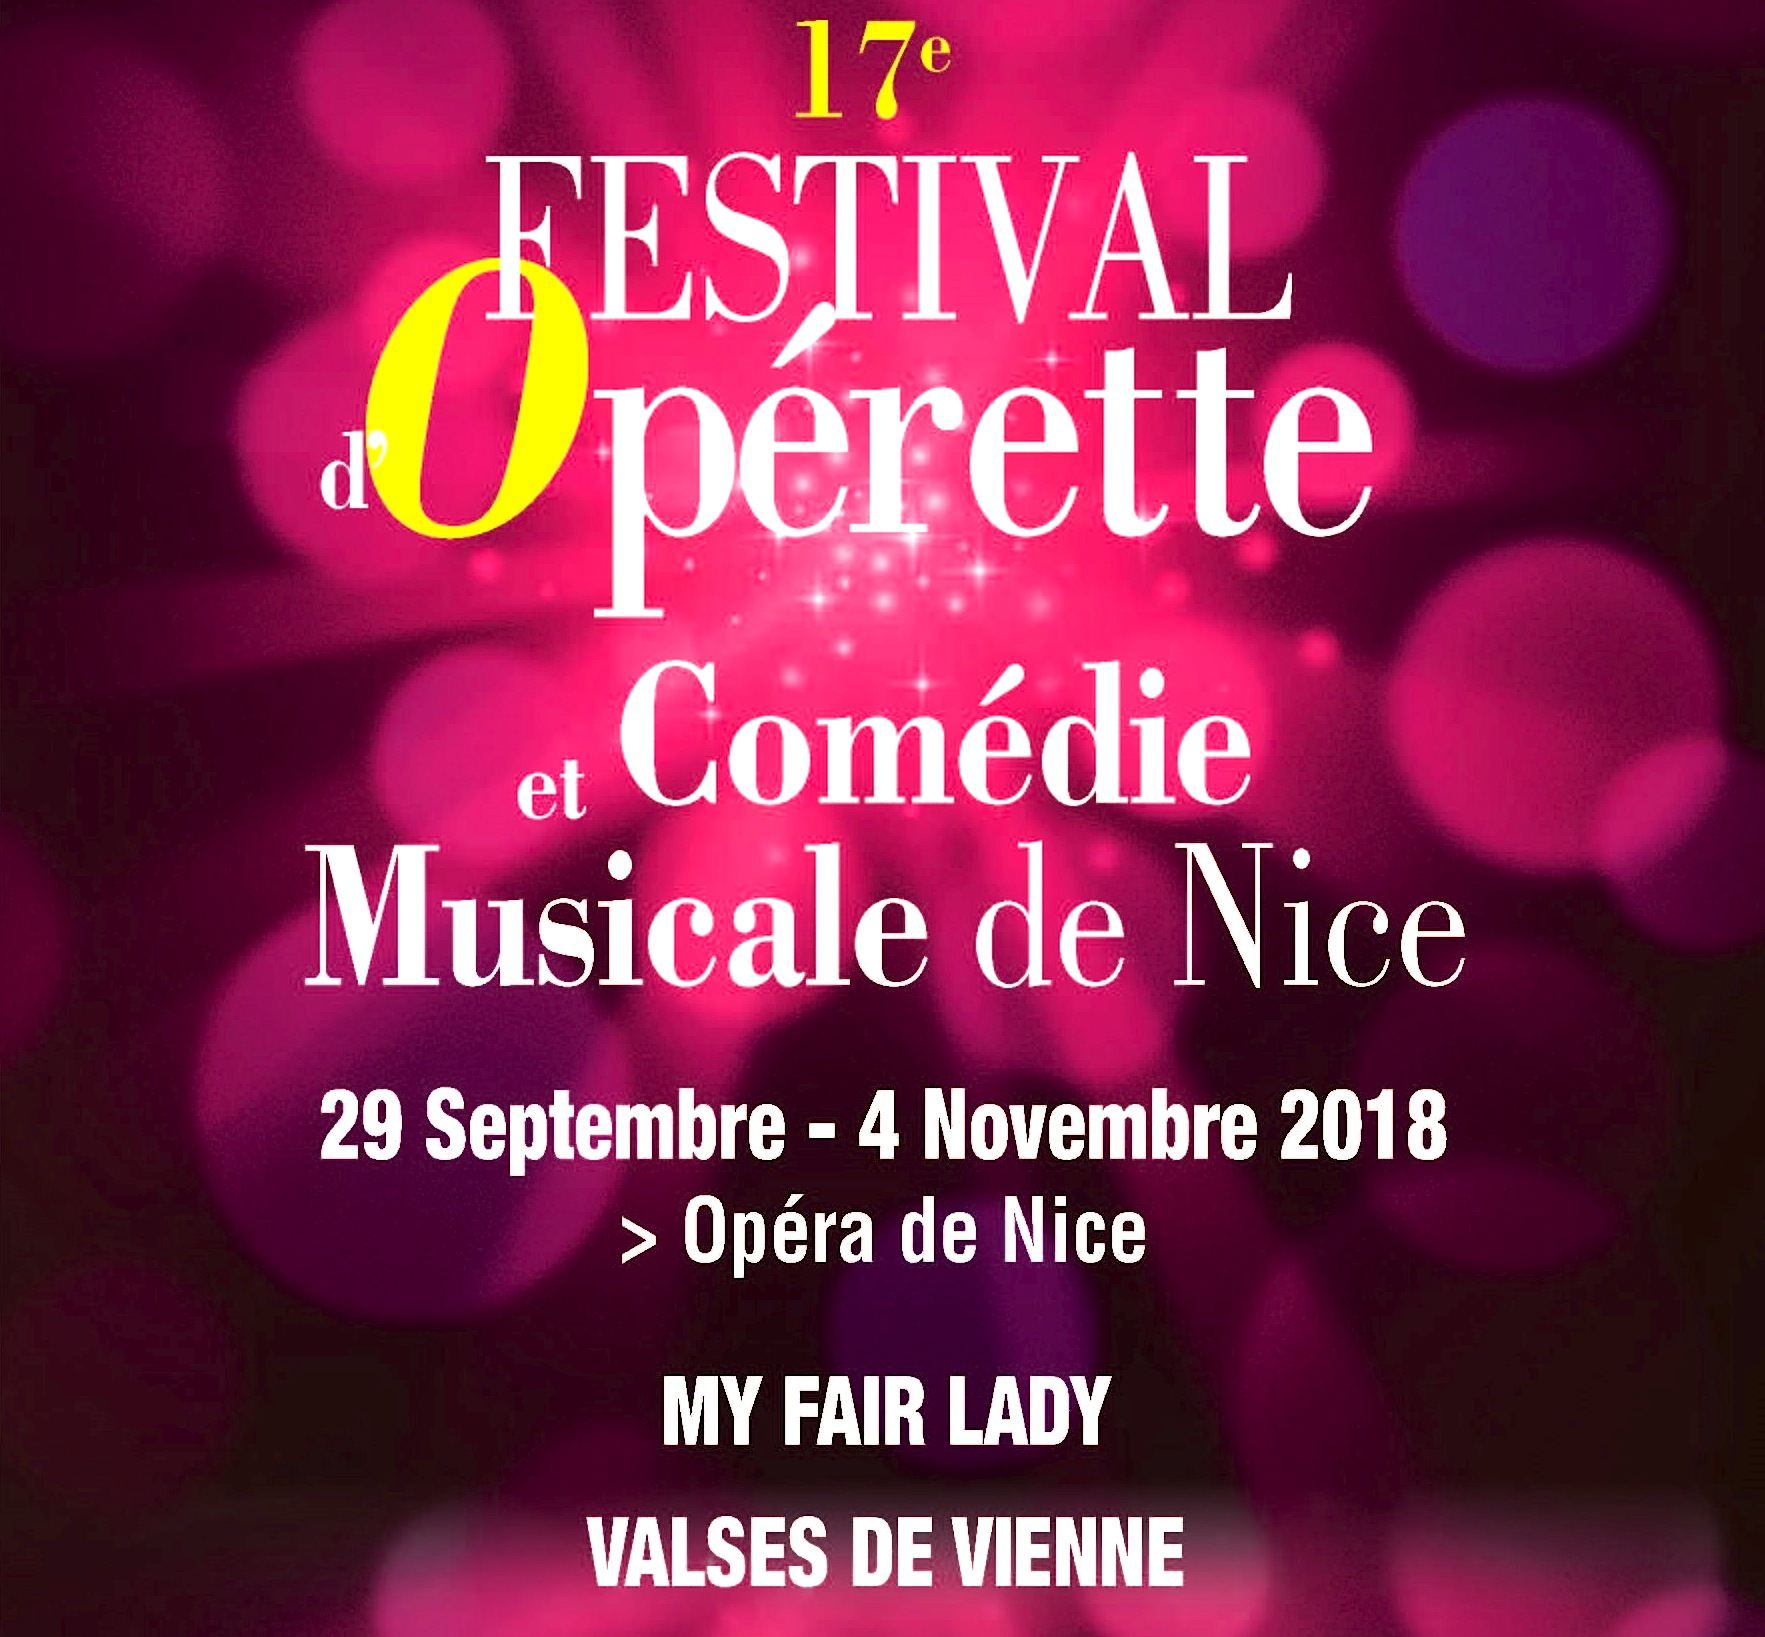 Festival d'opérette, la folle ivresse d'Offenbach